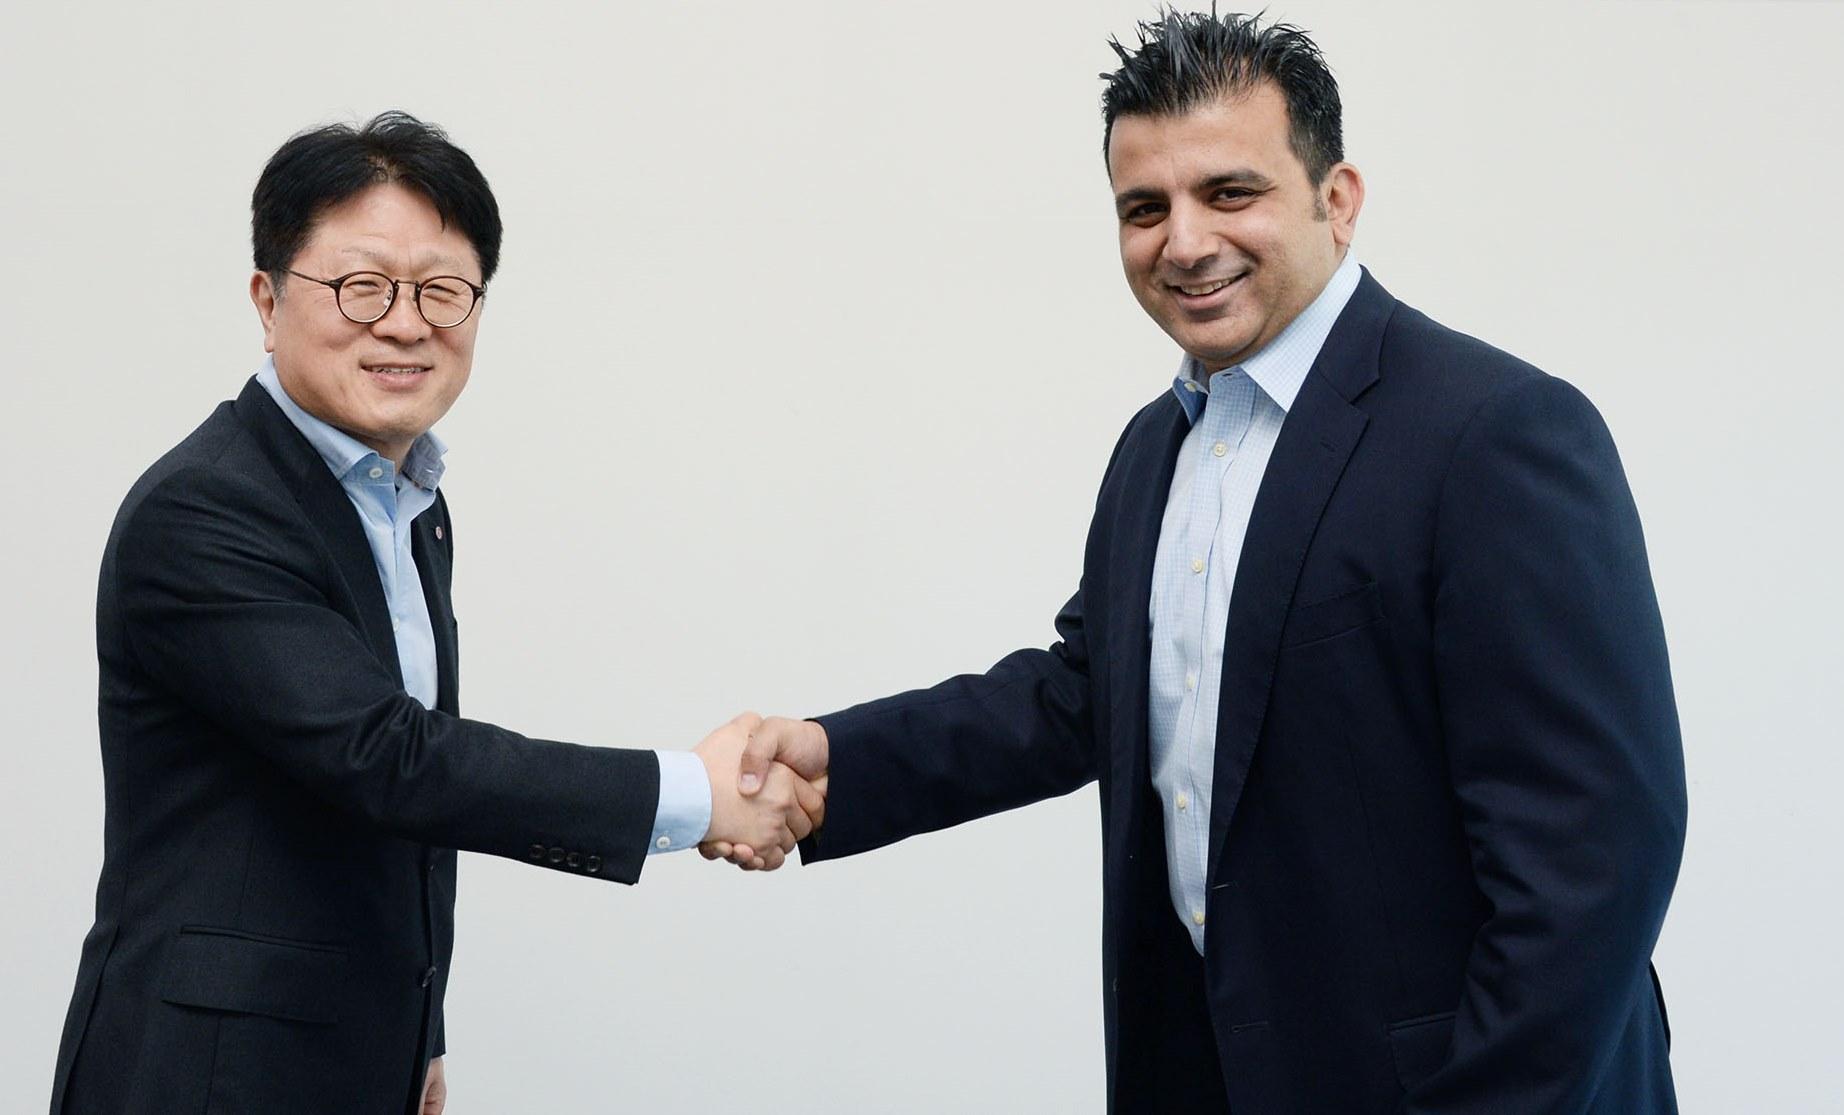 LG Qualcomm Partnership